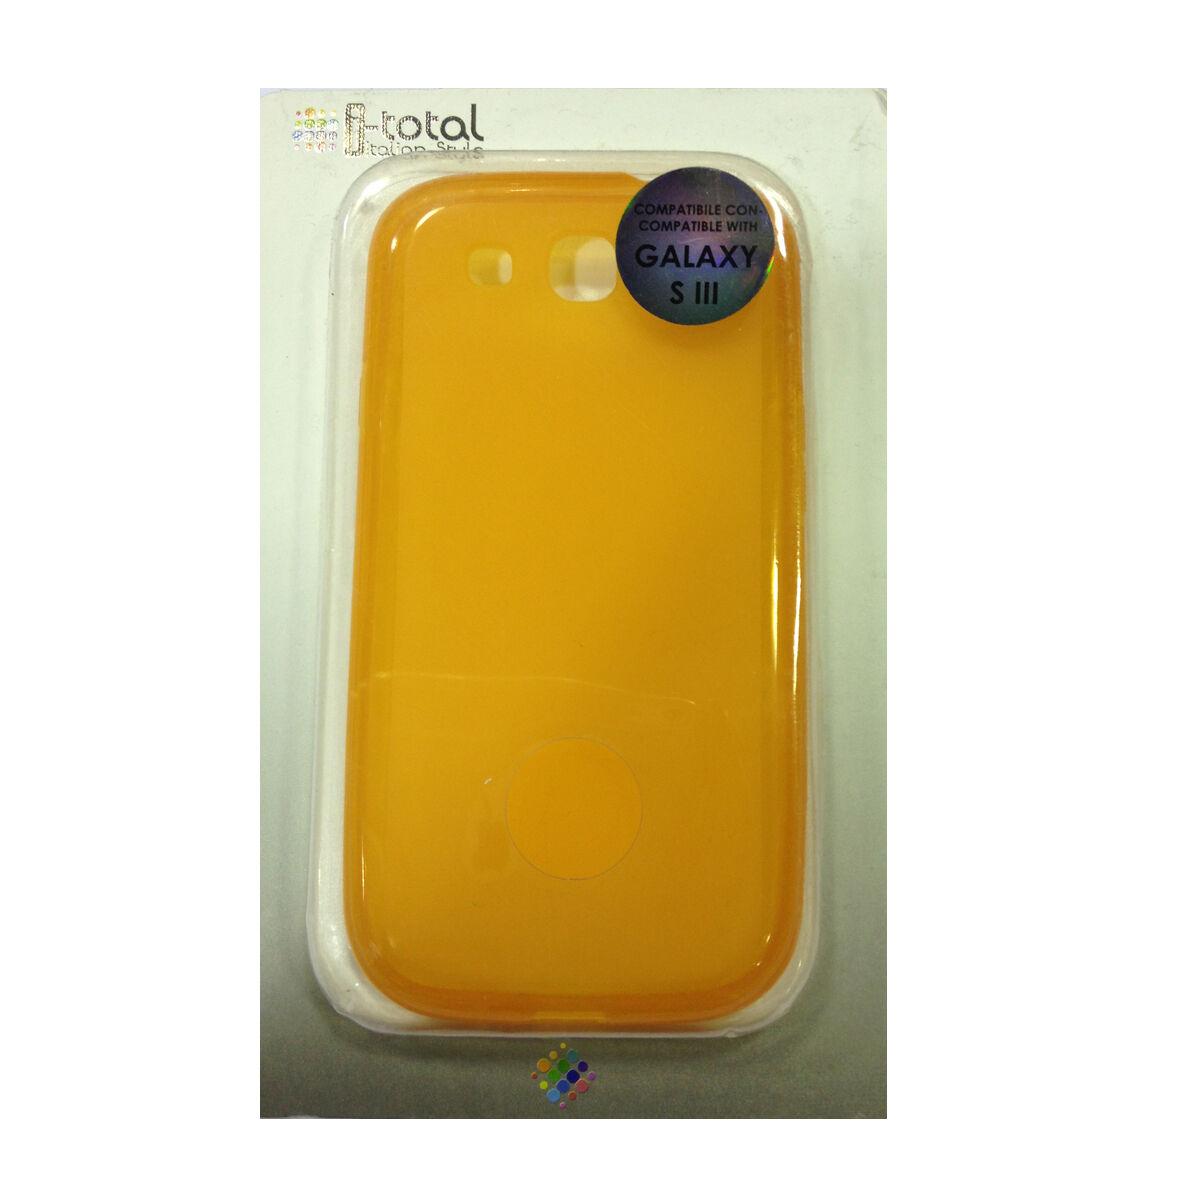 COVER mascherina SAMSUNG GALAXY S3 arancione in silicone TPU I-TOTAL